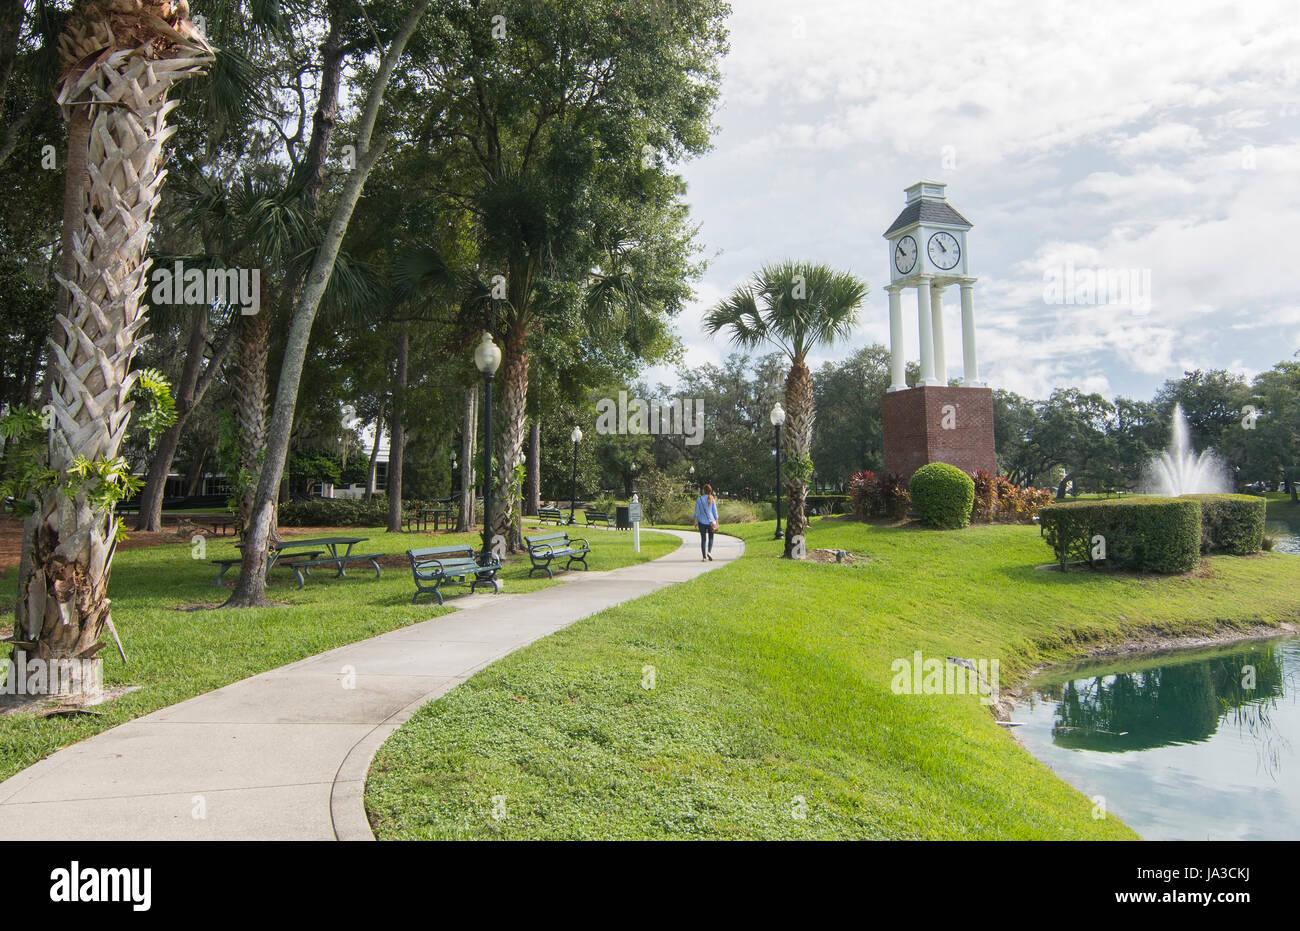 Le centre-ville de Floride Lake Mary woman walking in park Central Park à tour de l'horloge à nouveau centre commercial, Banque D'Images